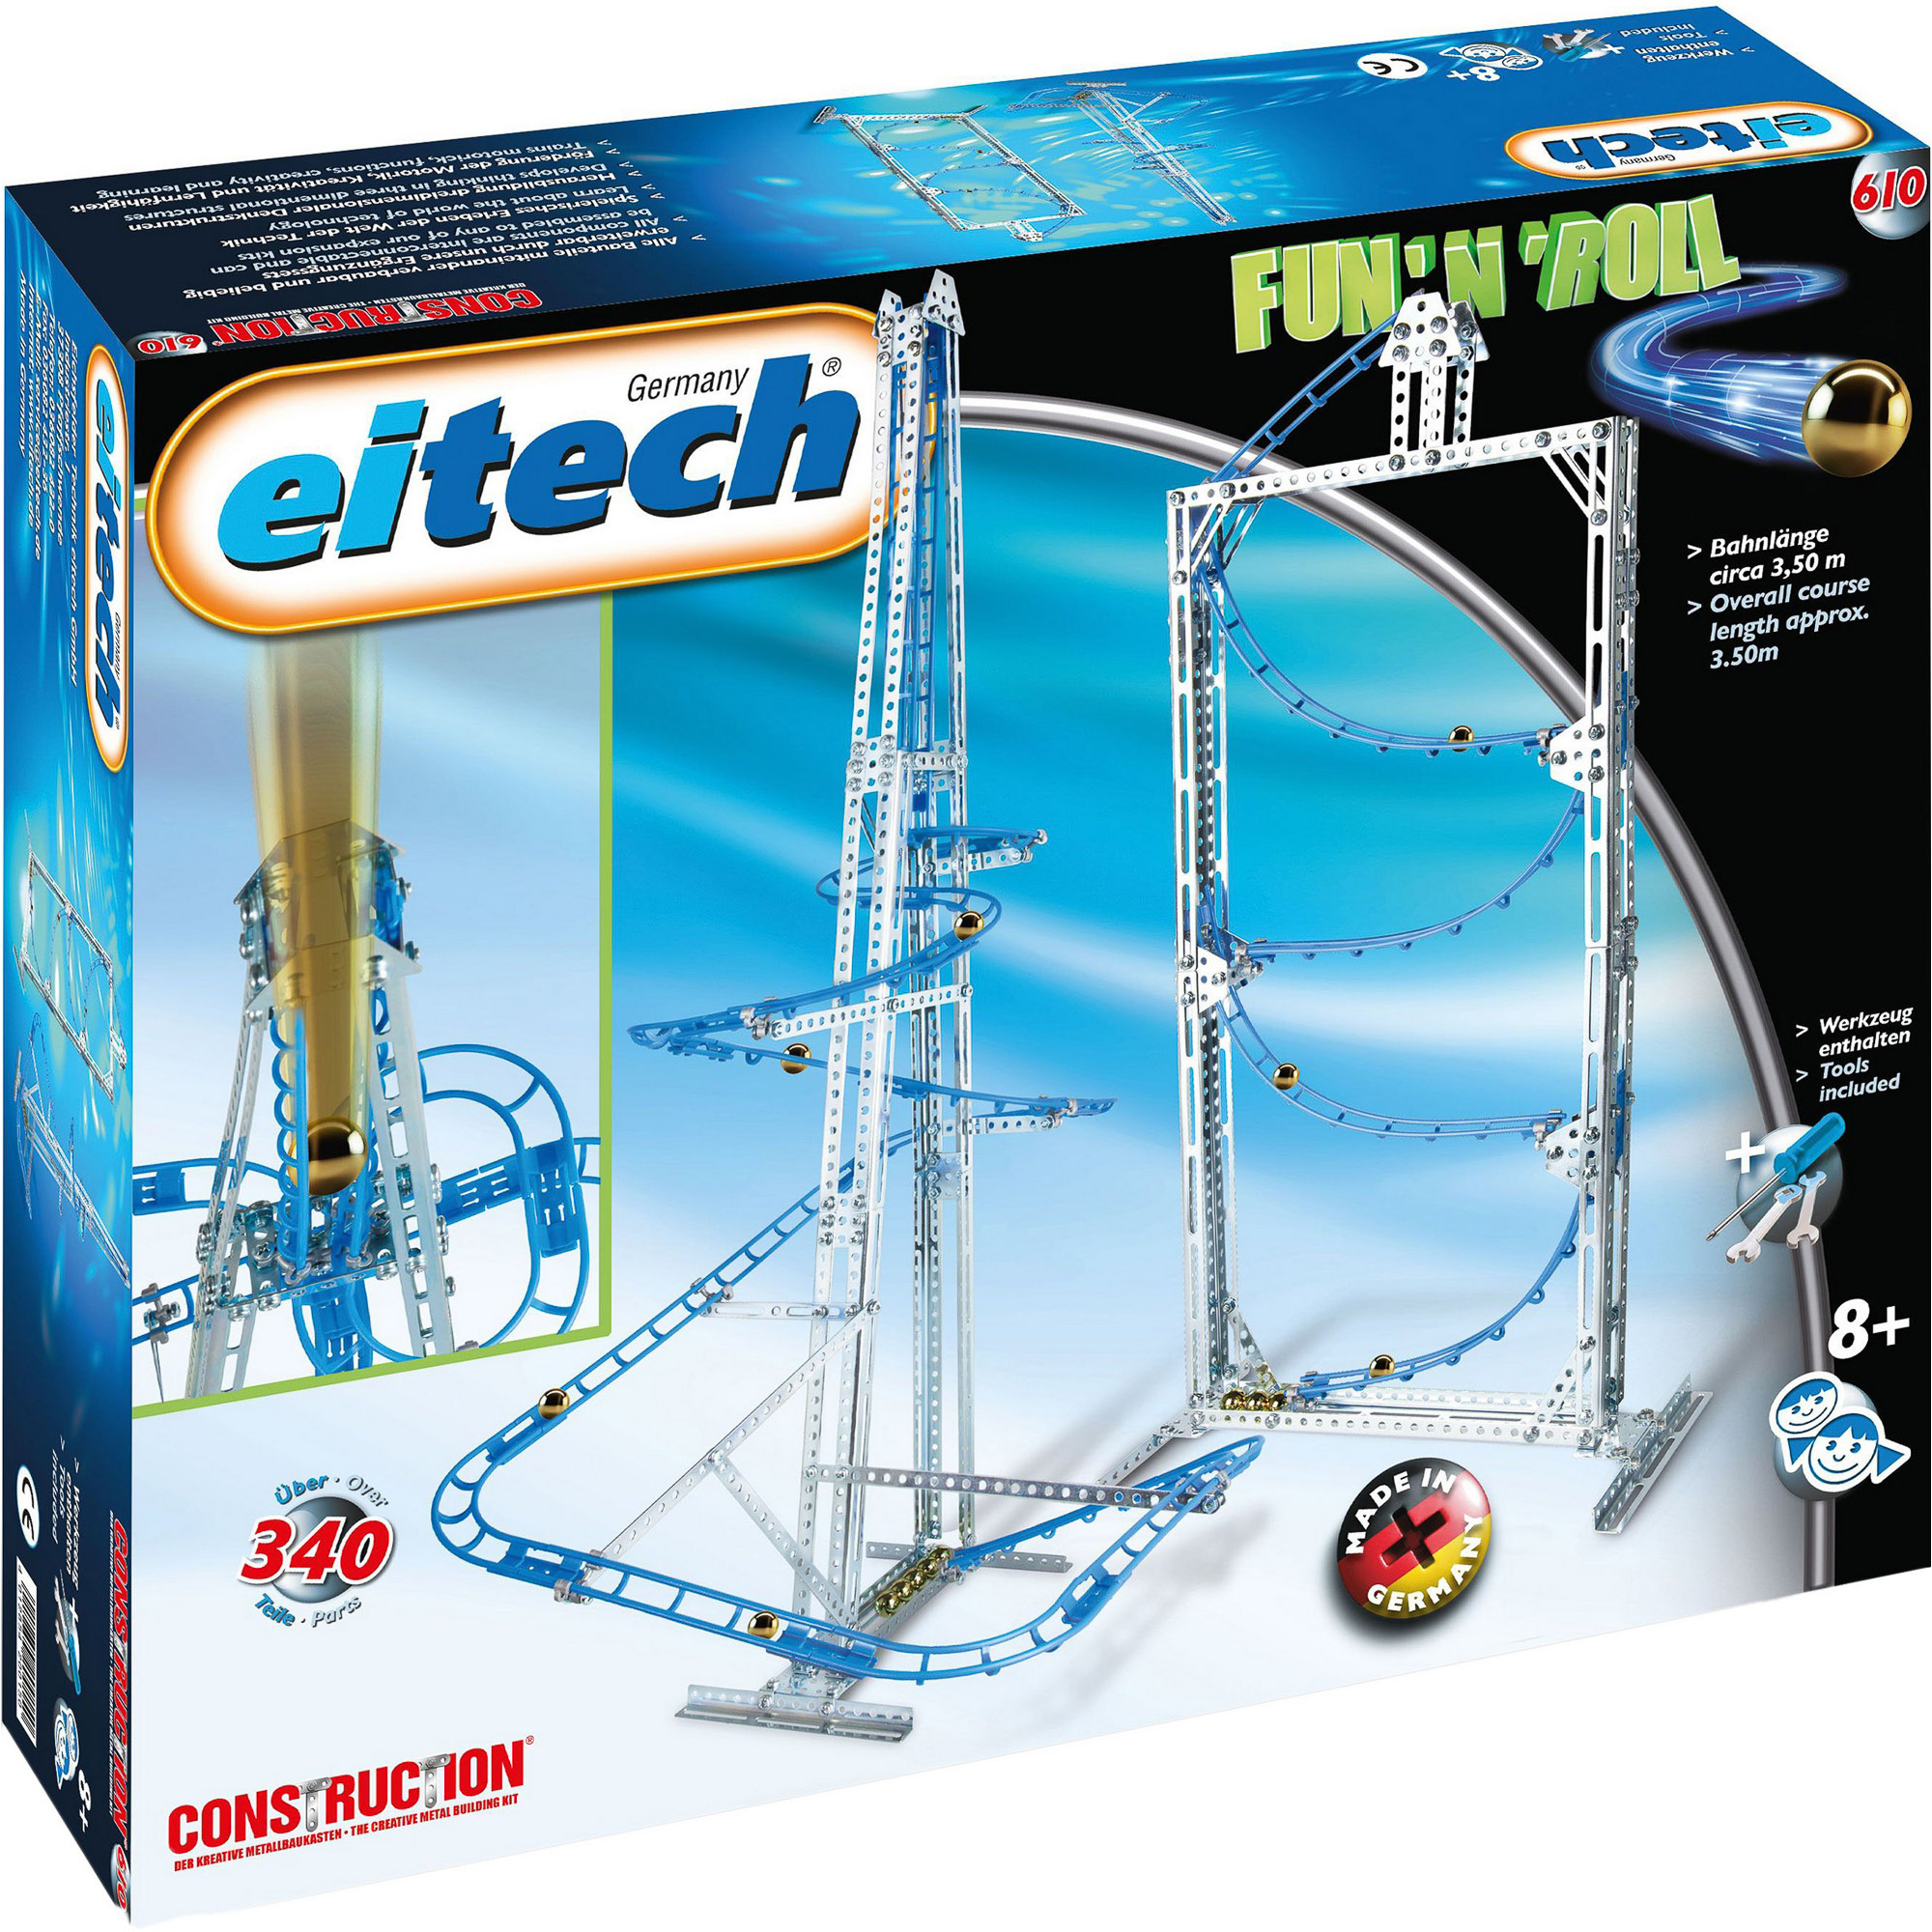 Купить Конструктор Eitech Серпантин 340, Германия, металл, универсальный, Конструкторы, пазлы